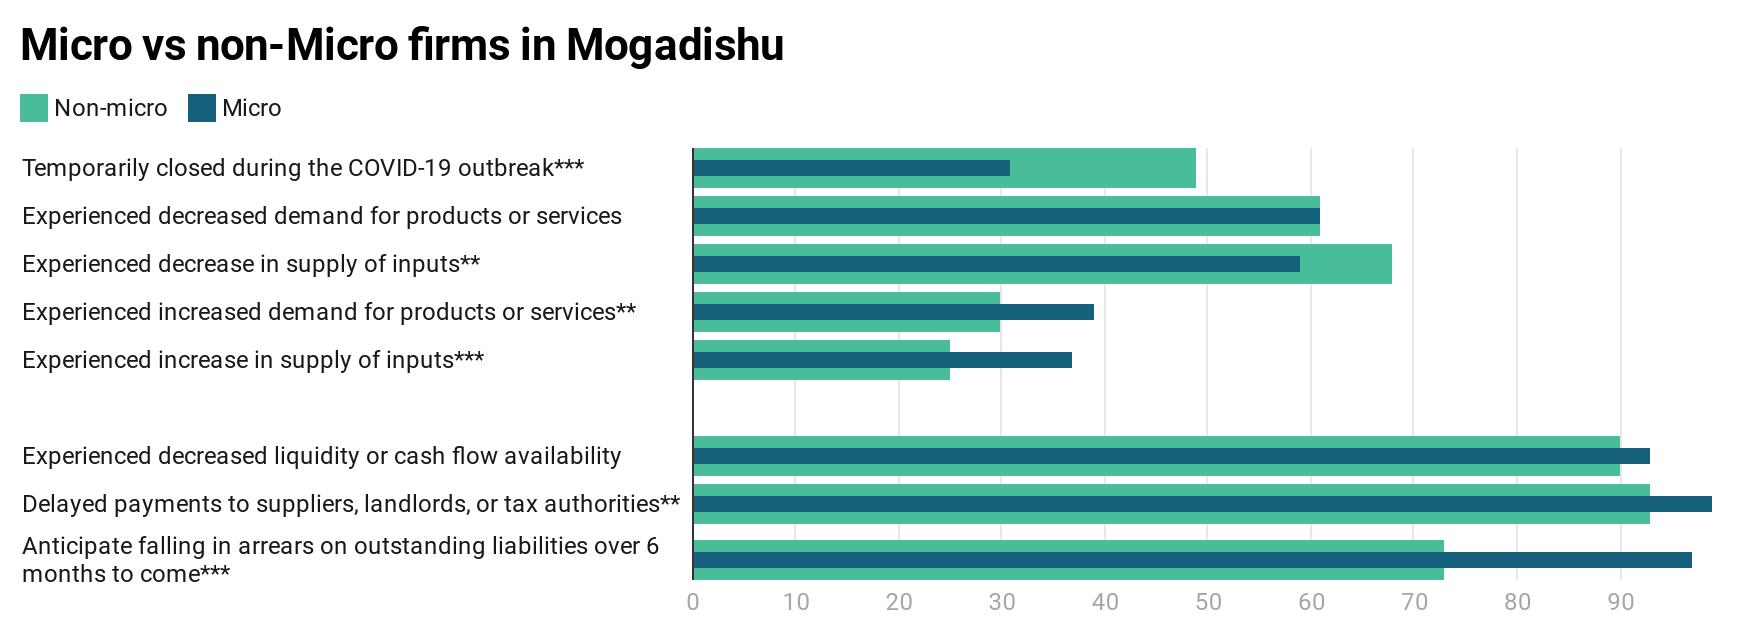 Micro vs non-micro firms in Mogadishu